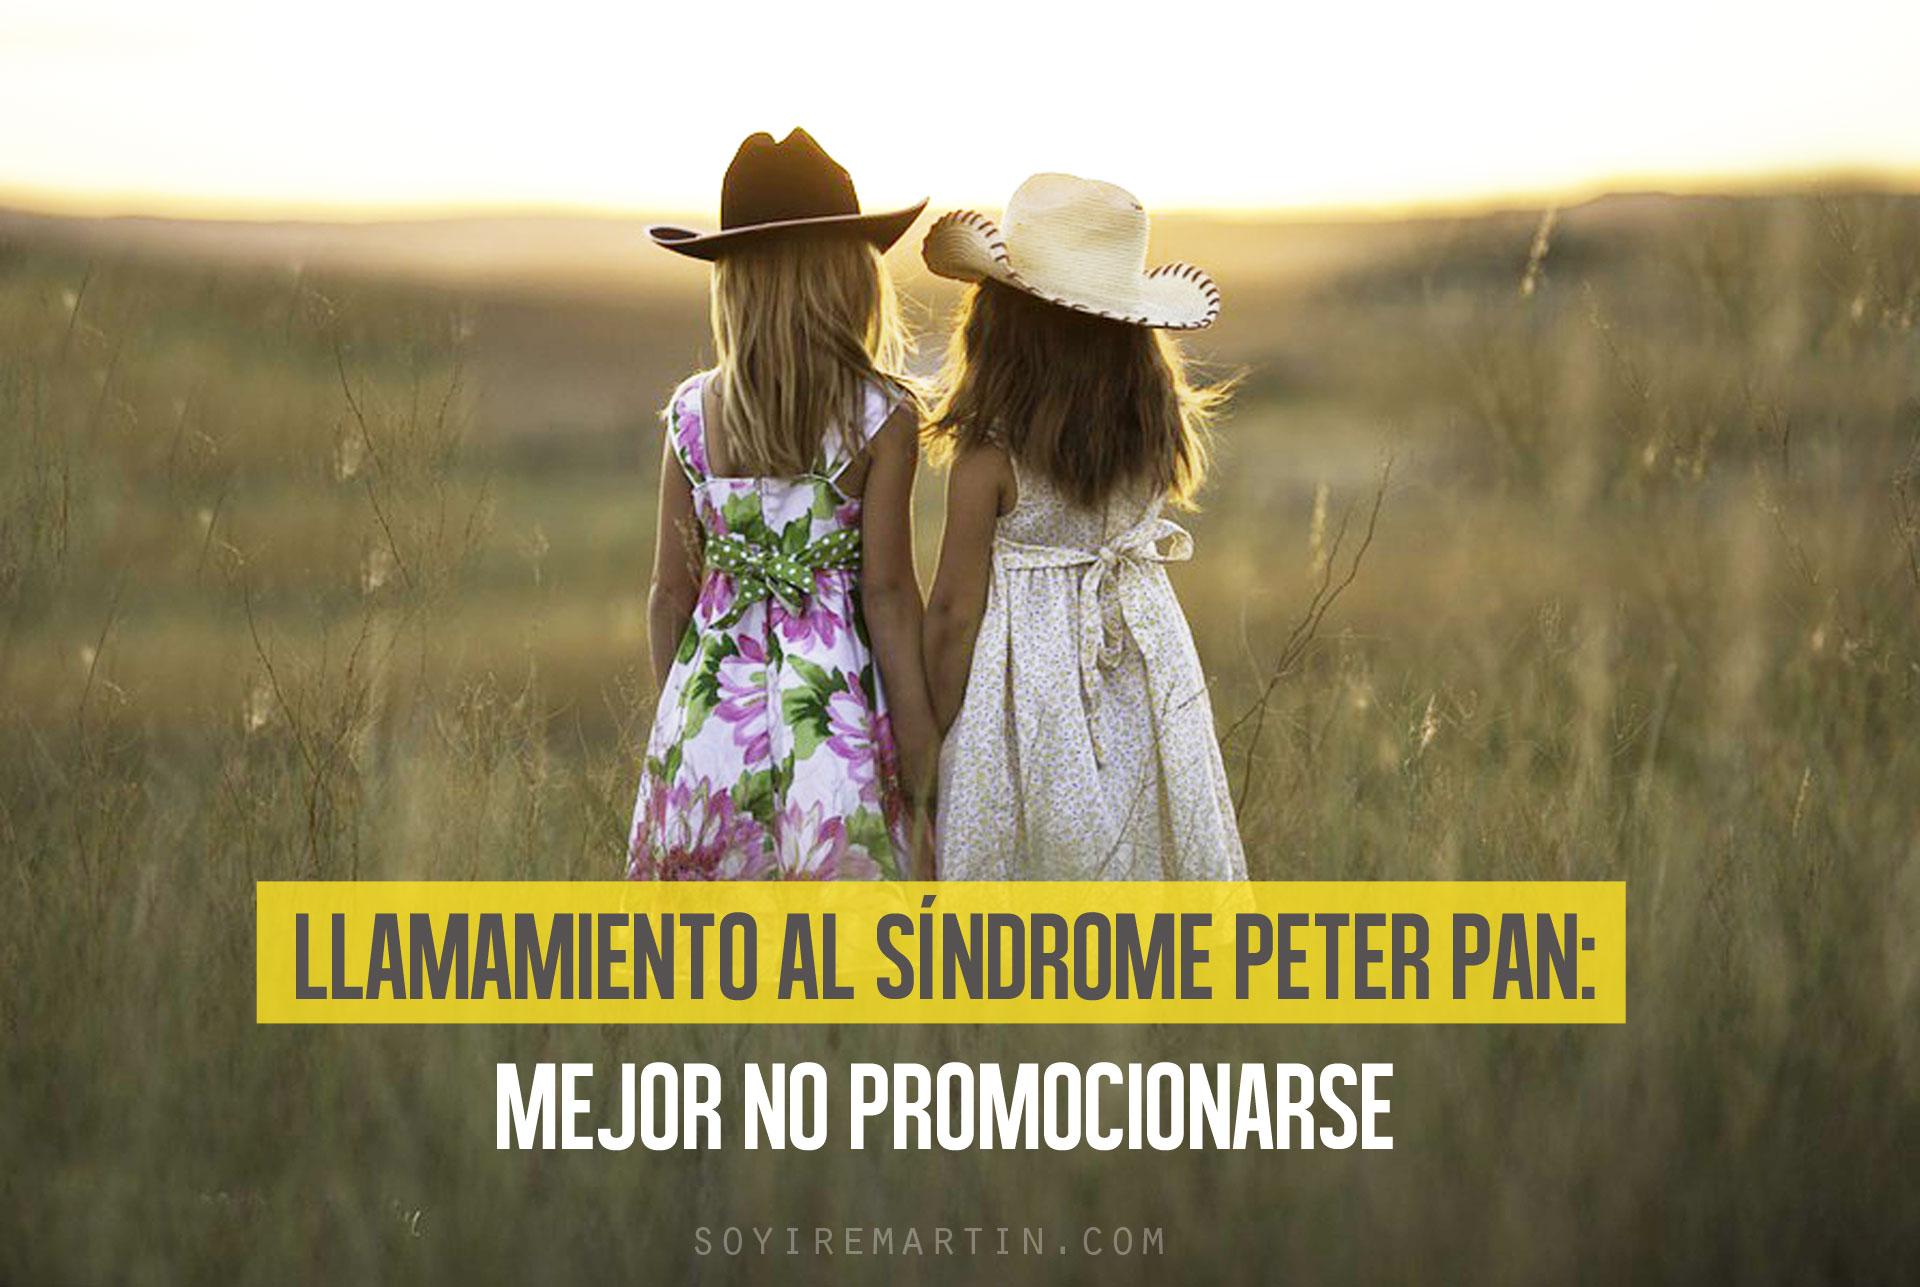 niñas atardecer síndrome peter pan